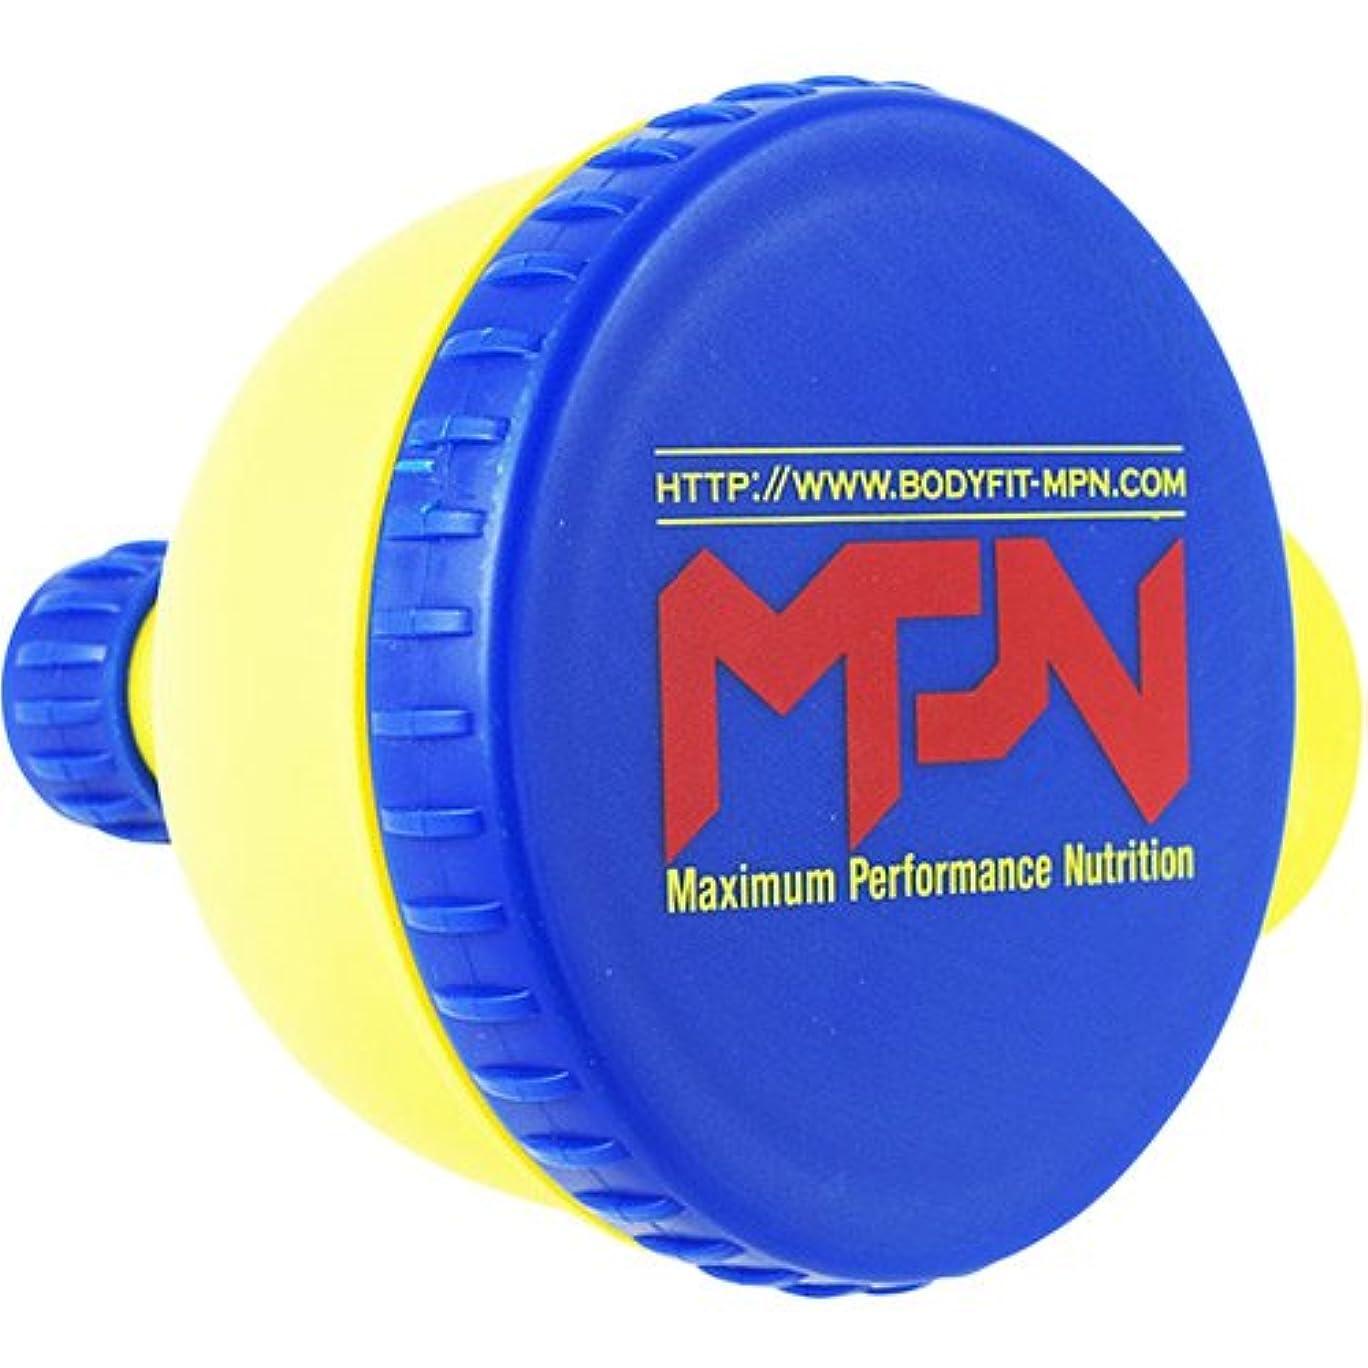 証言する赤面夕食を食べるボディフィット MPN ファンネル 粉末サプリメント小分け携帯用漏斗